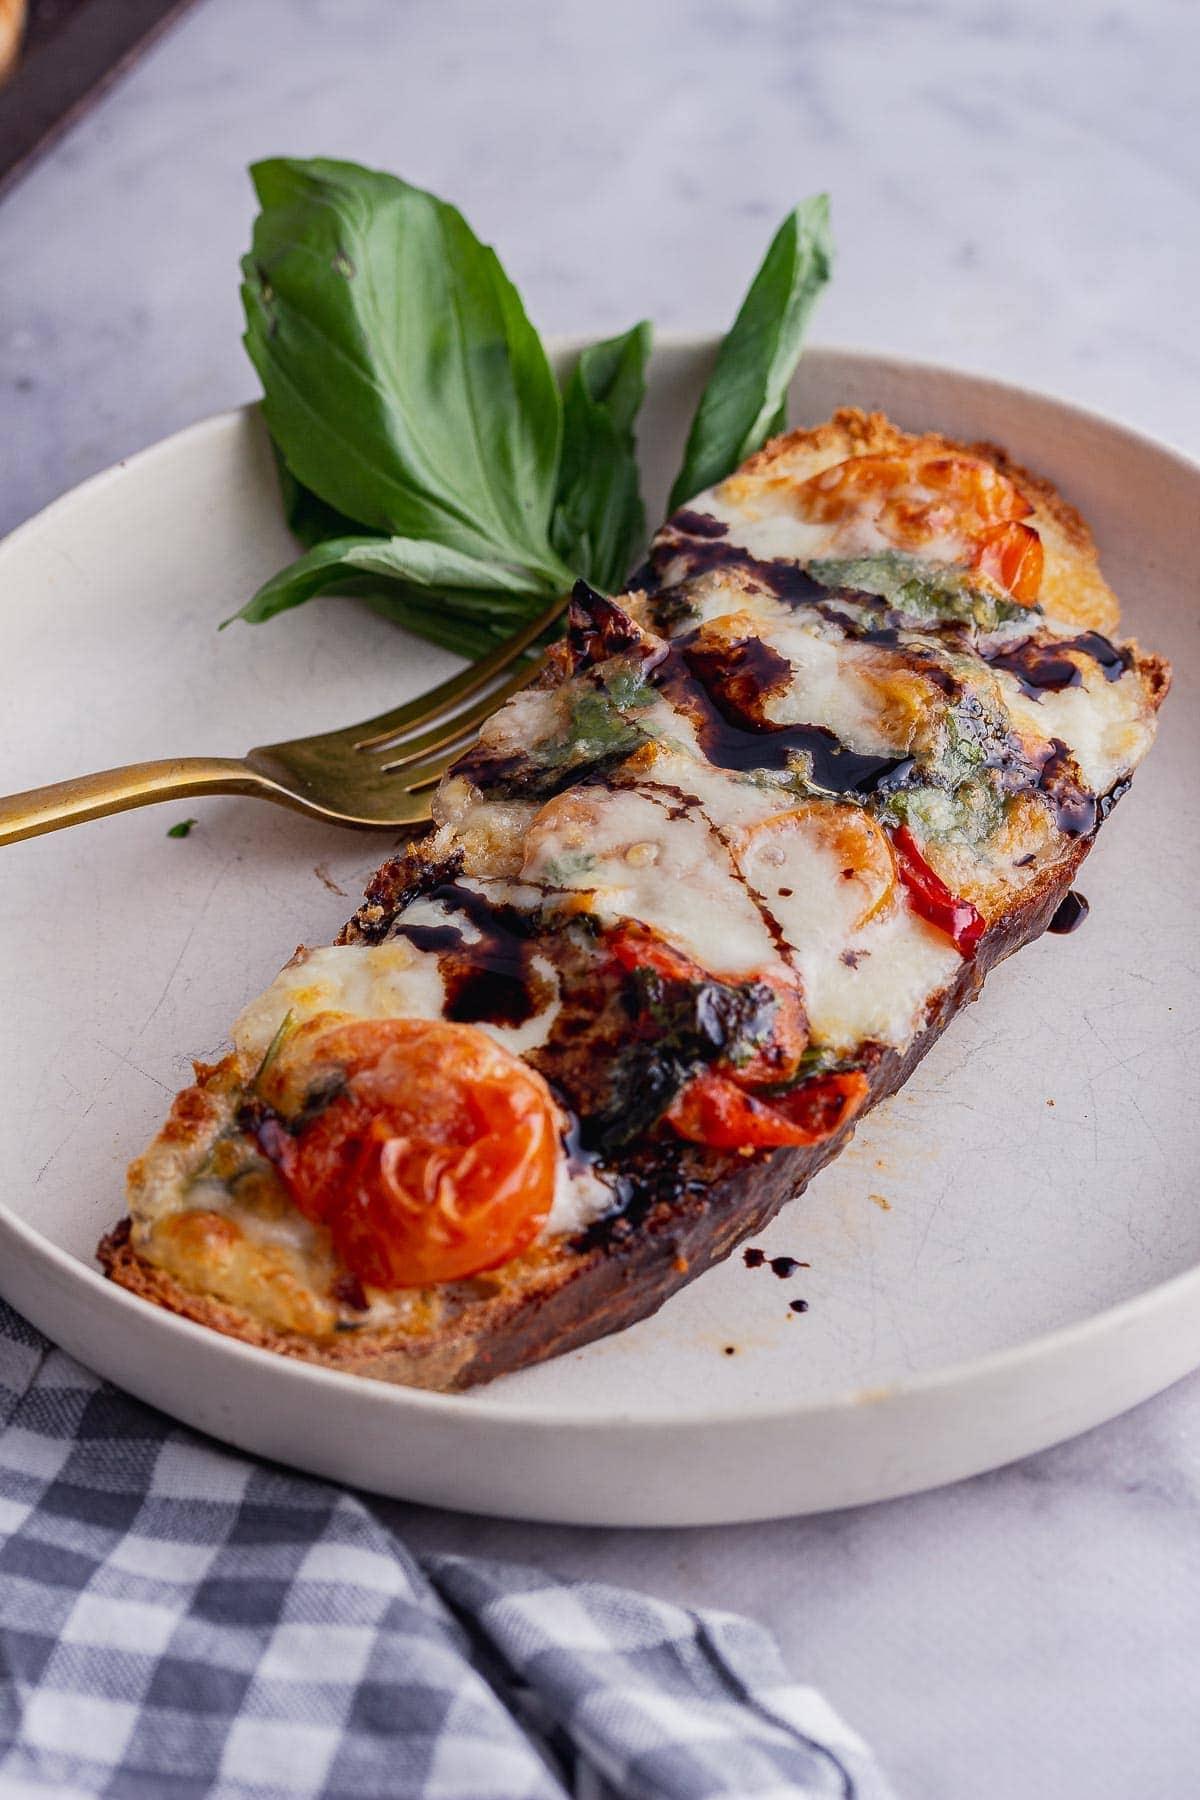 White bowl with tomato and mozzarella toast and basil